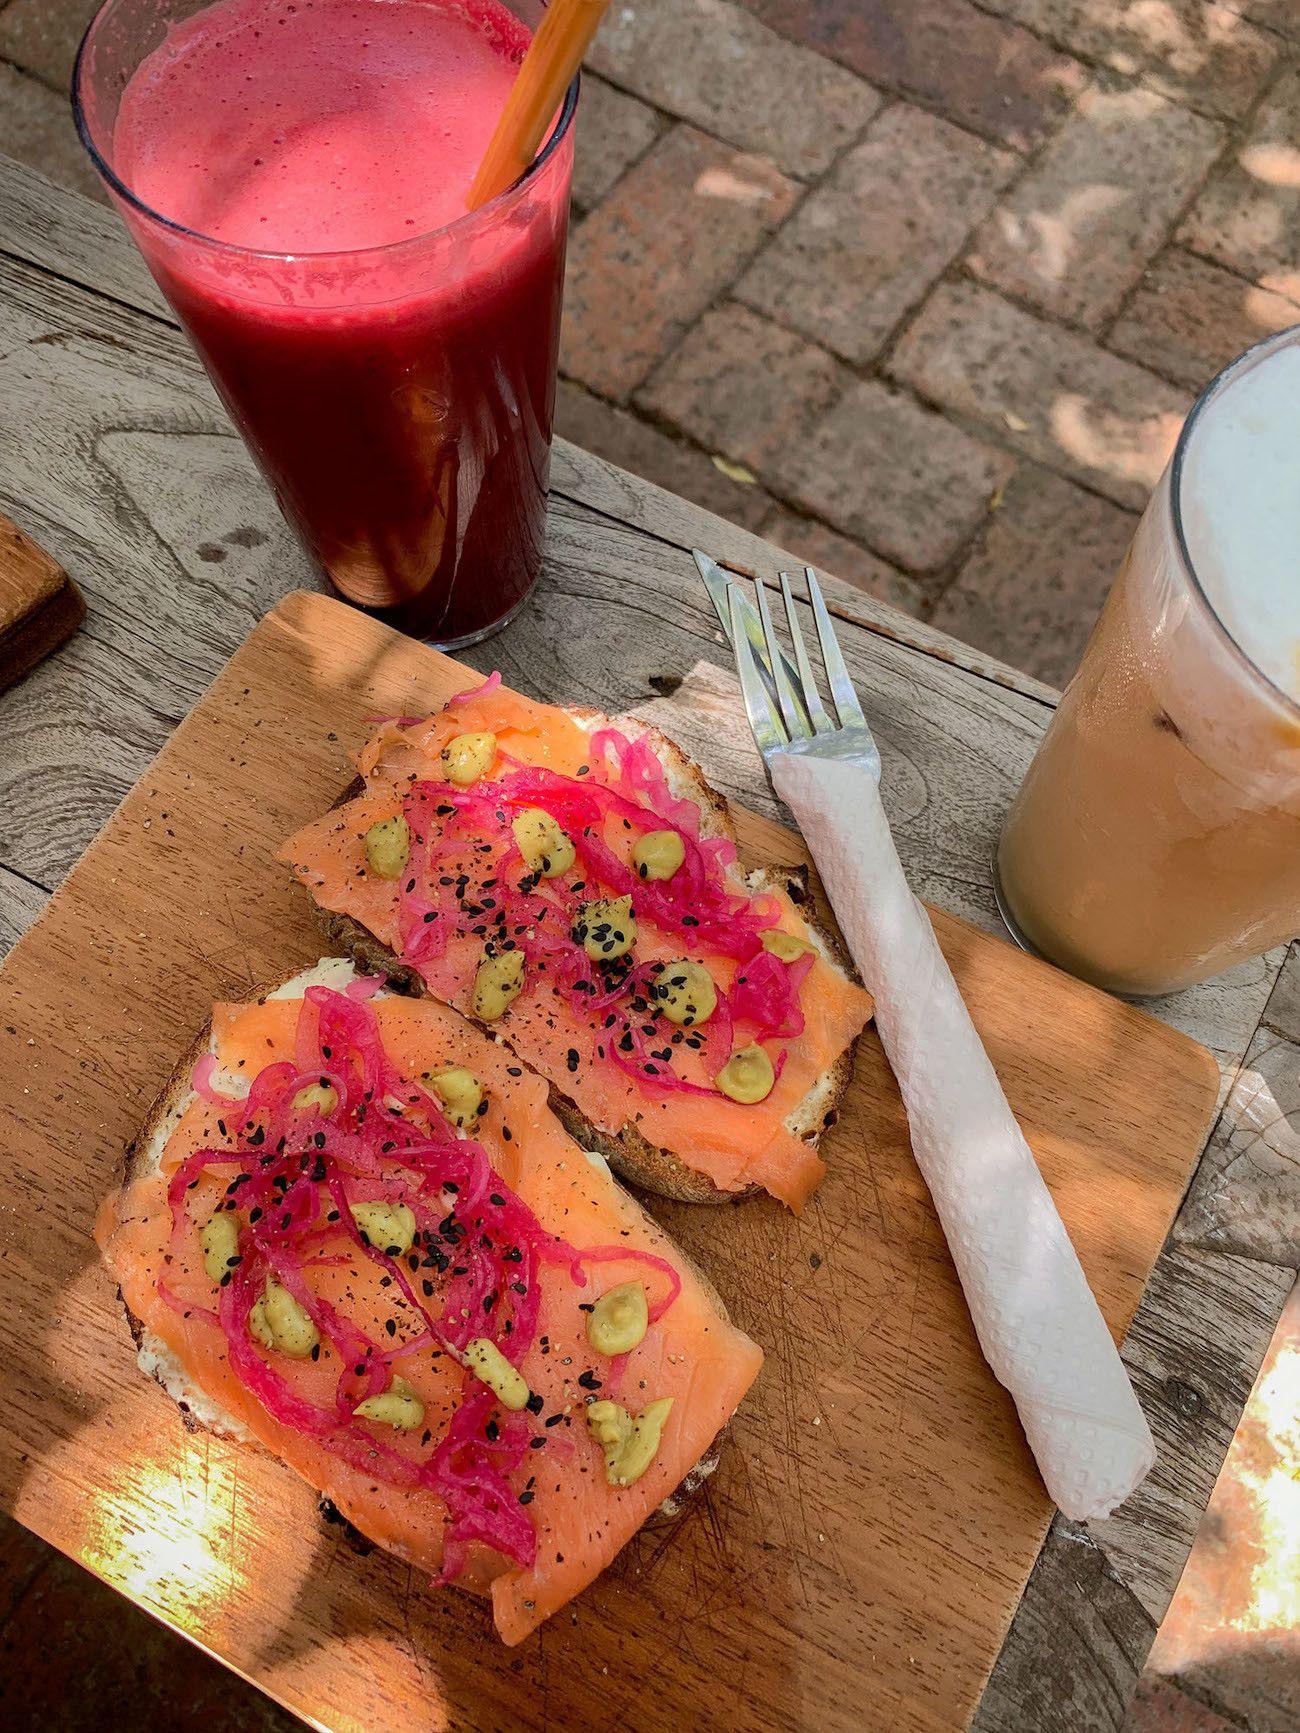 Frühstücks - und Brunch Guide für Kapstadt, The Strangers Club, Sandwich, Iced Coffee